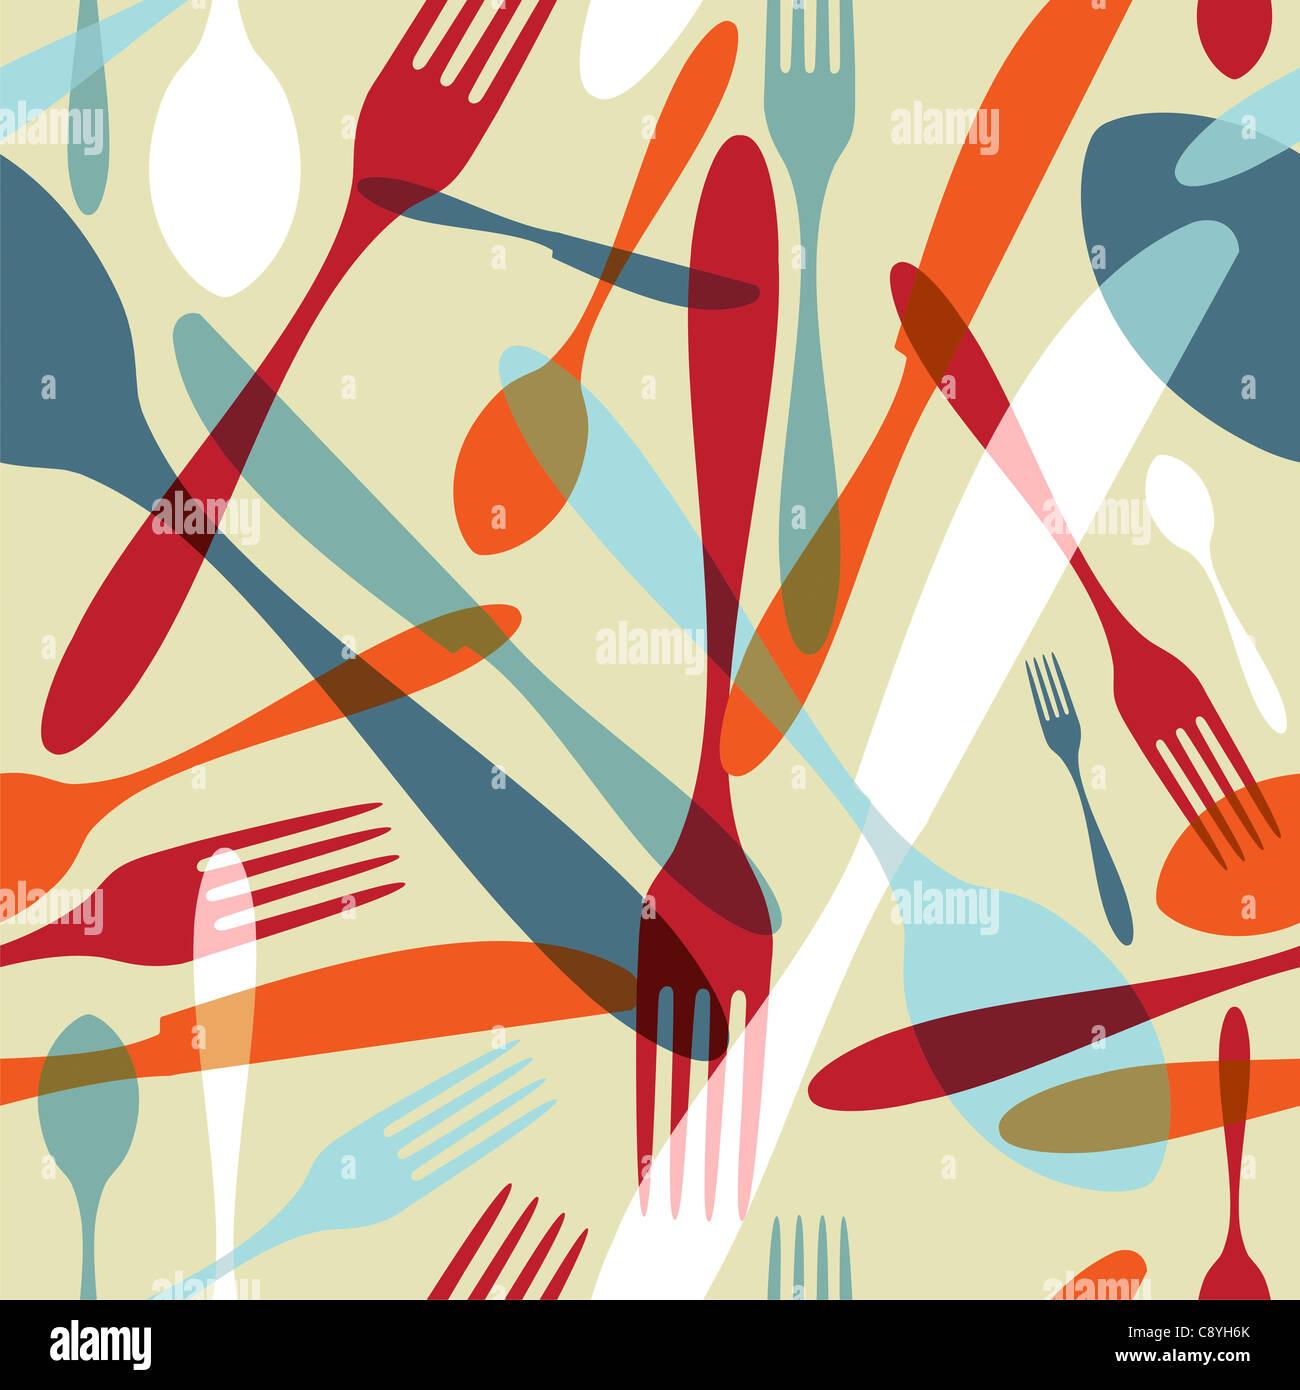 La transparence de l'argenterie sans icônes. Couteau, fourchette et cuillère silhouettes sur différentes Photo Stock